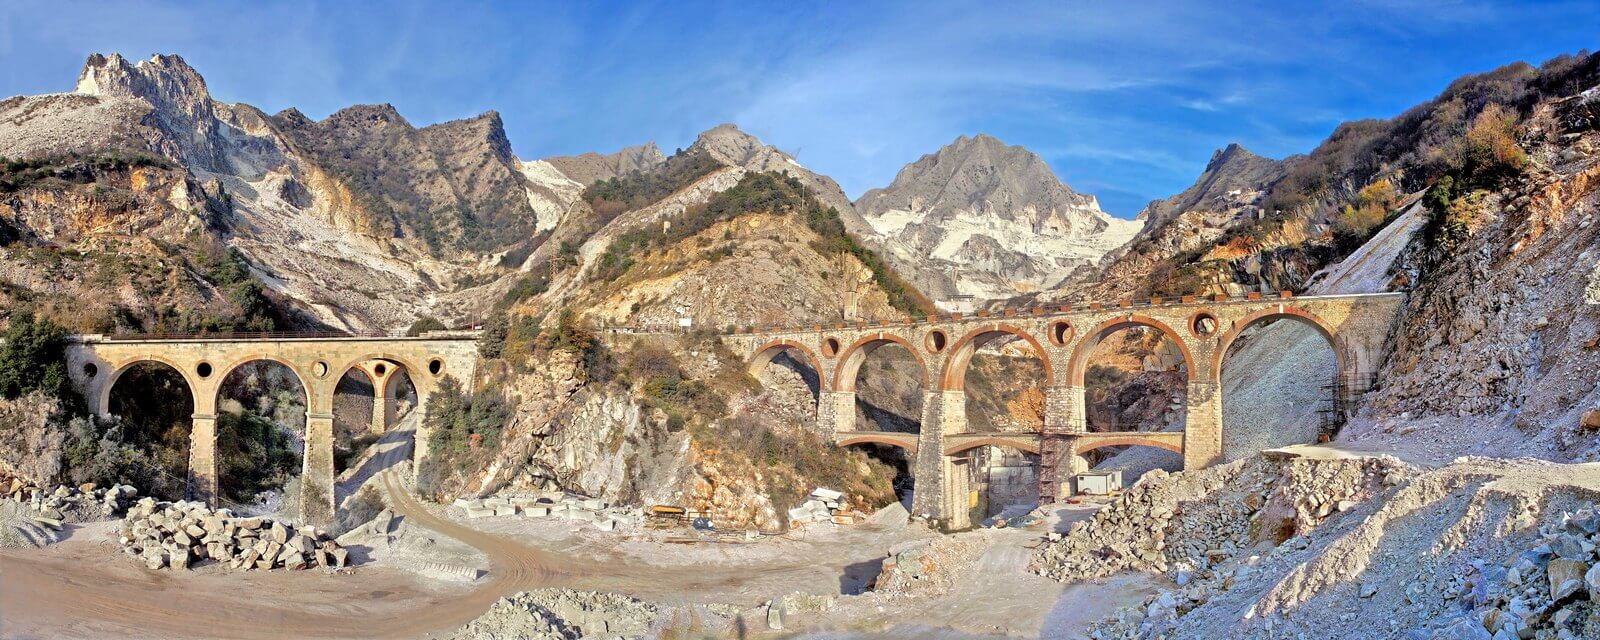 Segreti di Massa Carrara enogastronomica (foto)